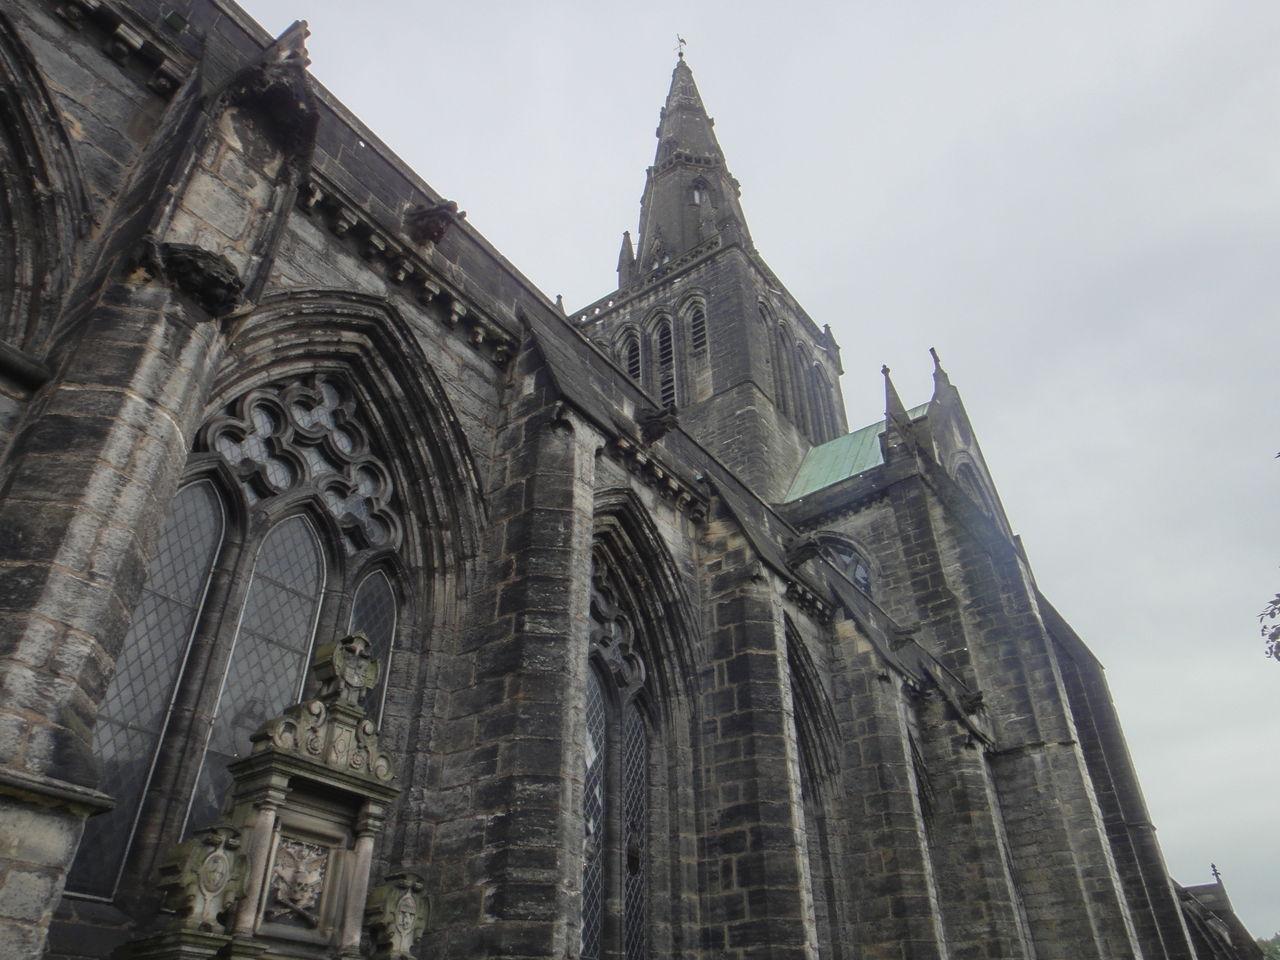 DSC07837 ゴシック建築 『12世紀後半から花開いたフランスを発祥とする建築様式。...